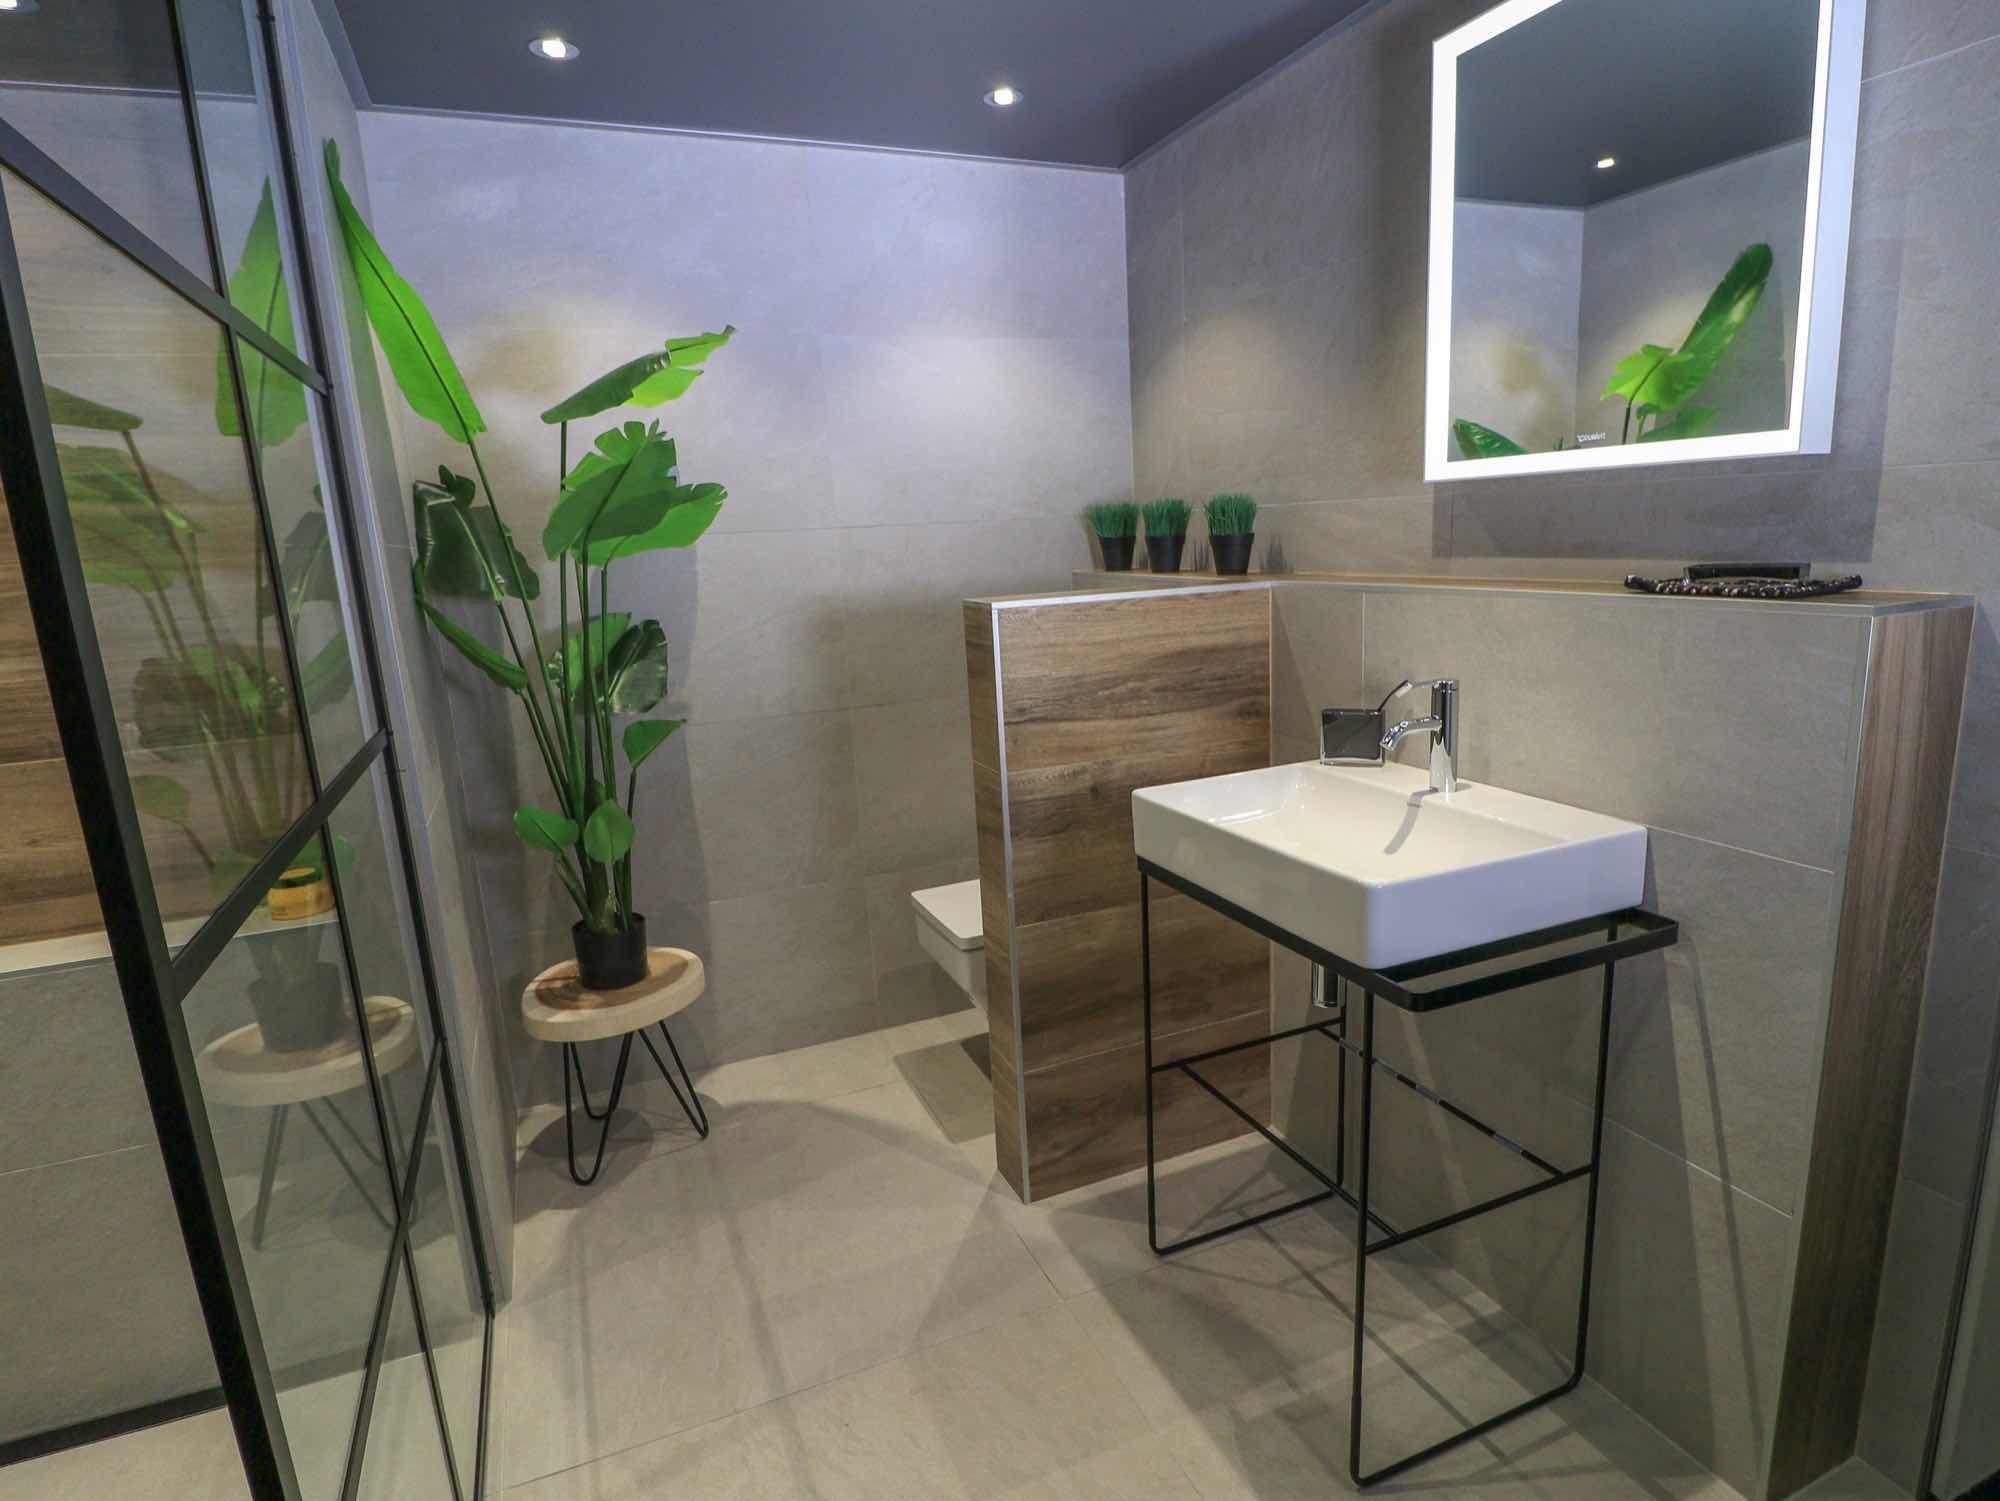 Strakke badkamer met een grote bananenplant het staal van het